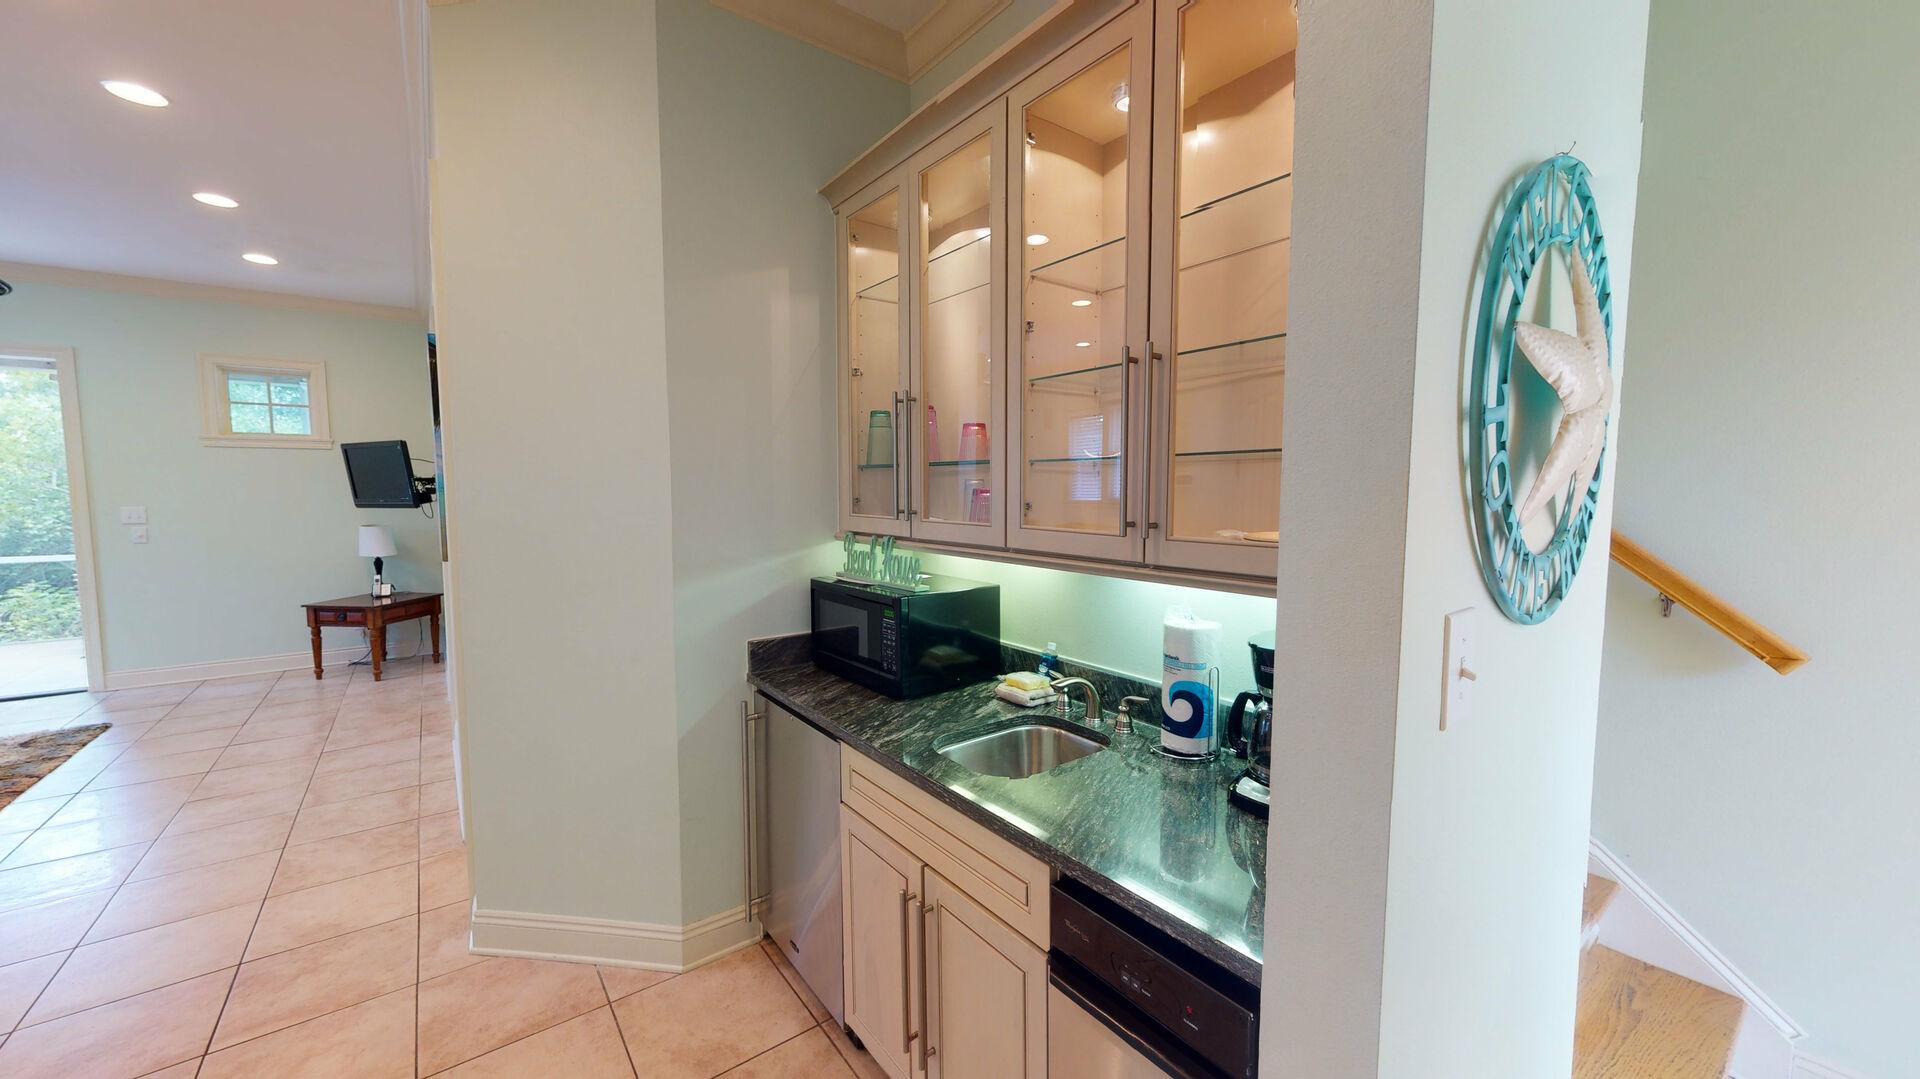 Kitchenette / wet bar on ground floor